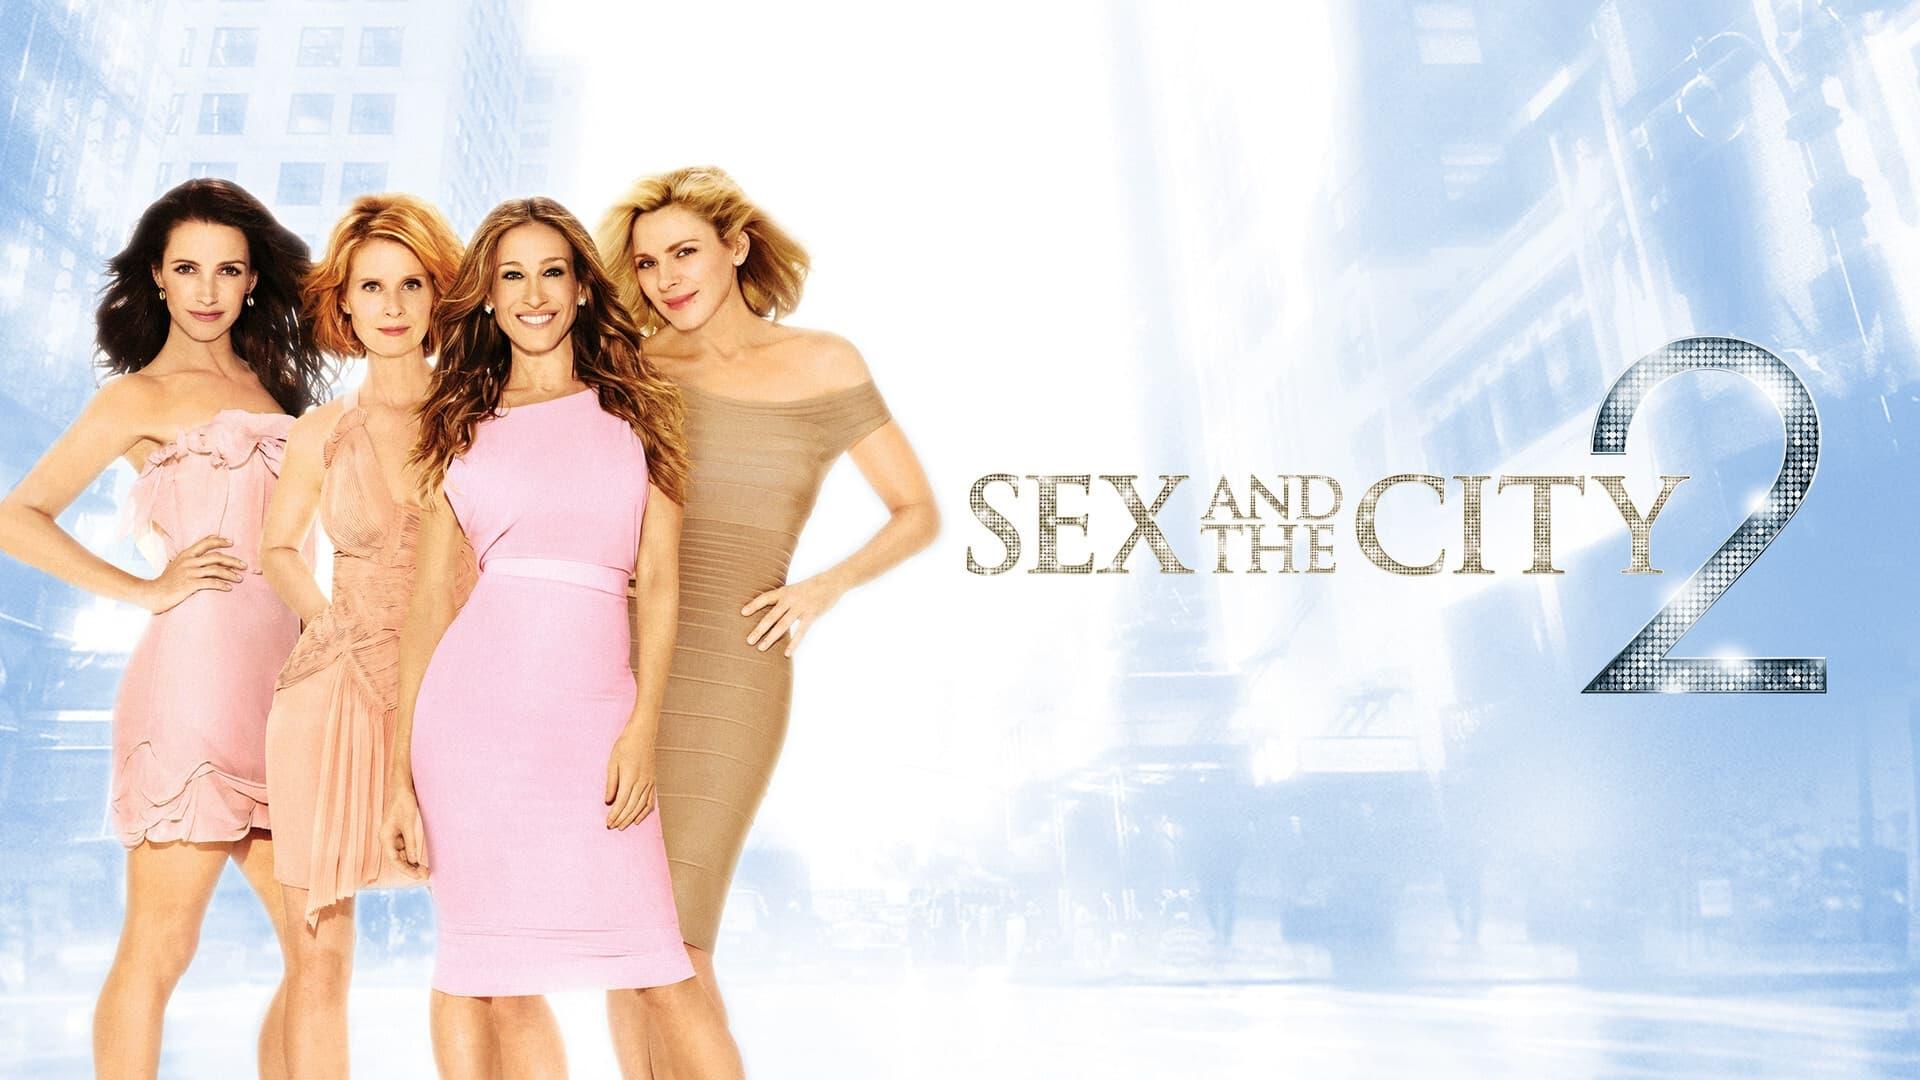 Sexo en Nueva York 2 (2010)